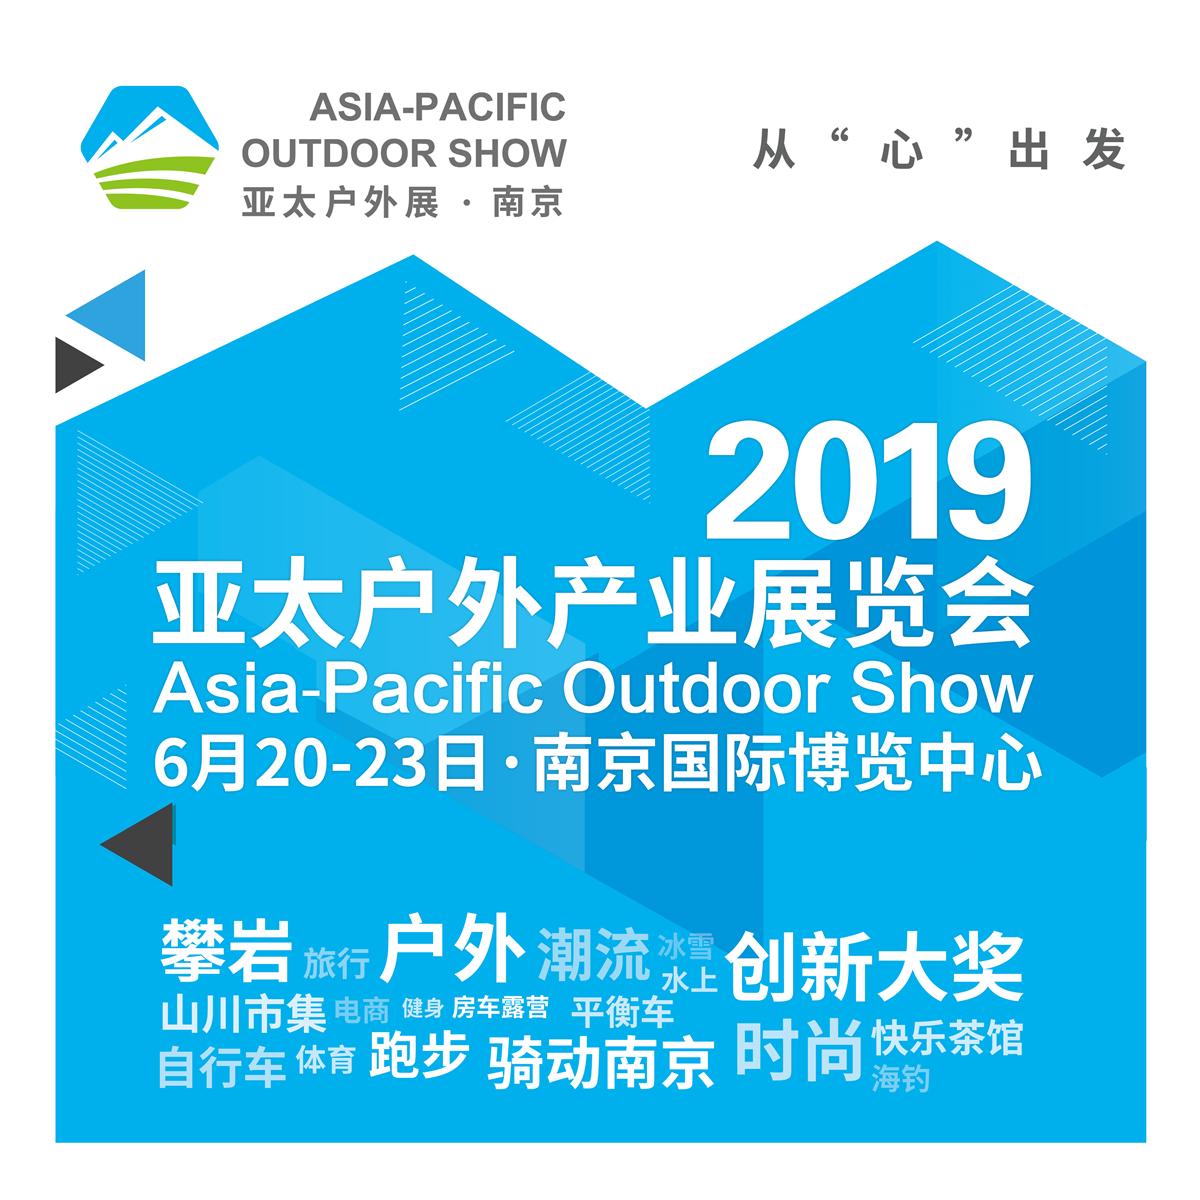 参会指南 | 每年一夏,我和南京有个约定:6月20-23日,亚太户外展见!